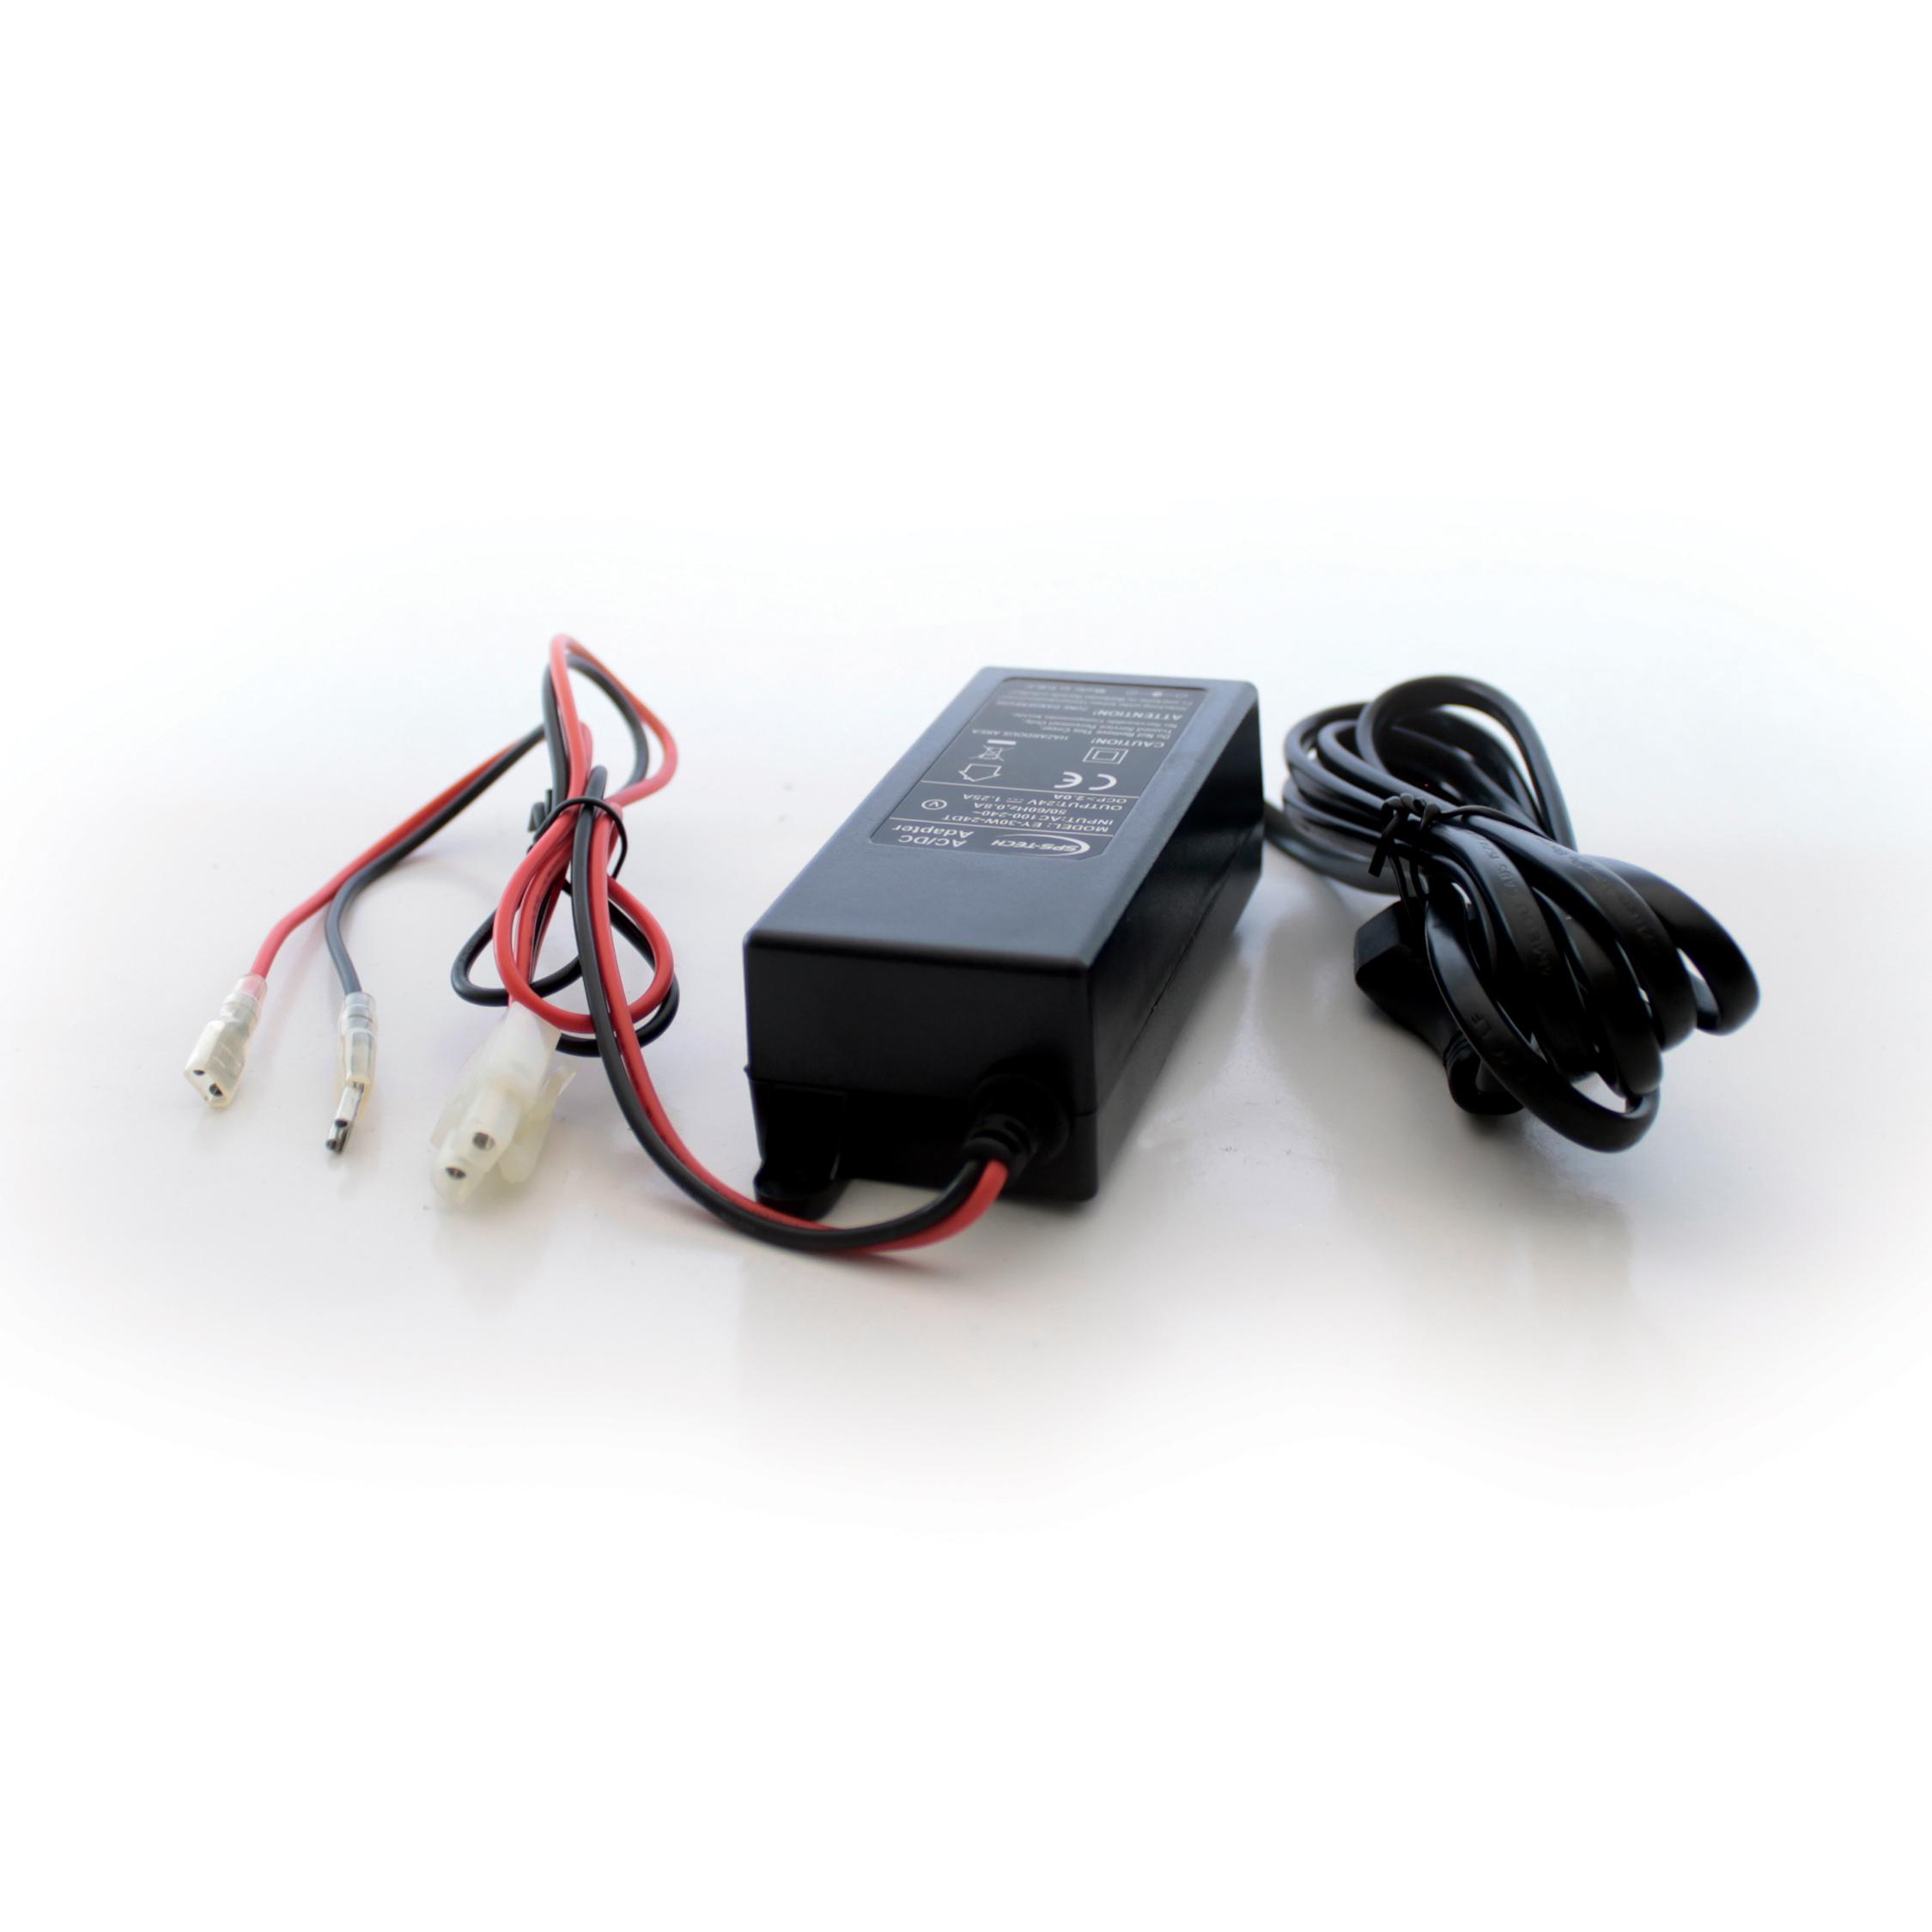 elektronik acik cihaz